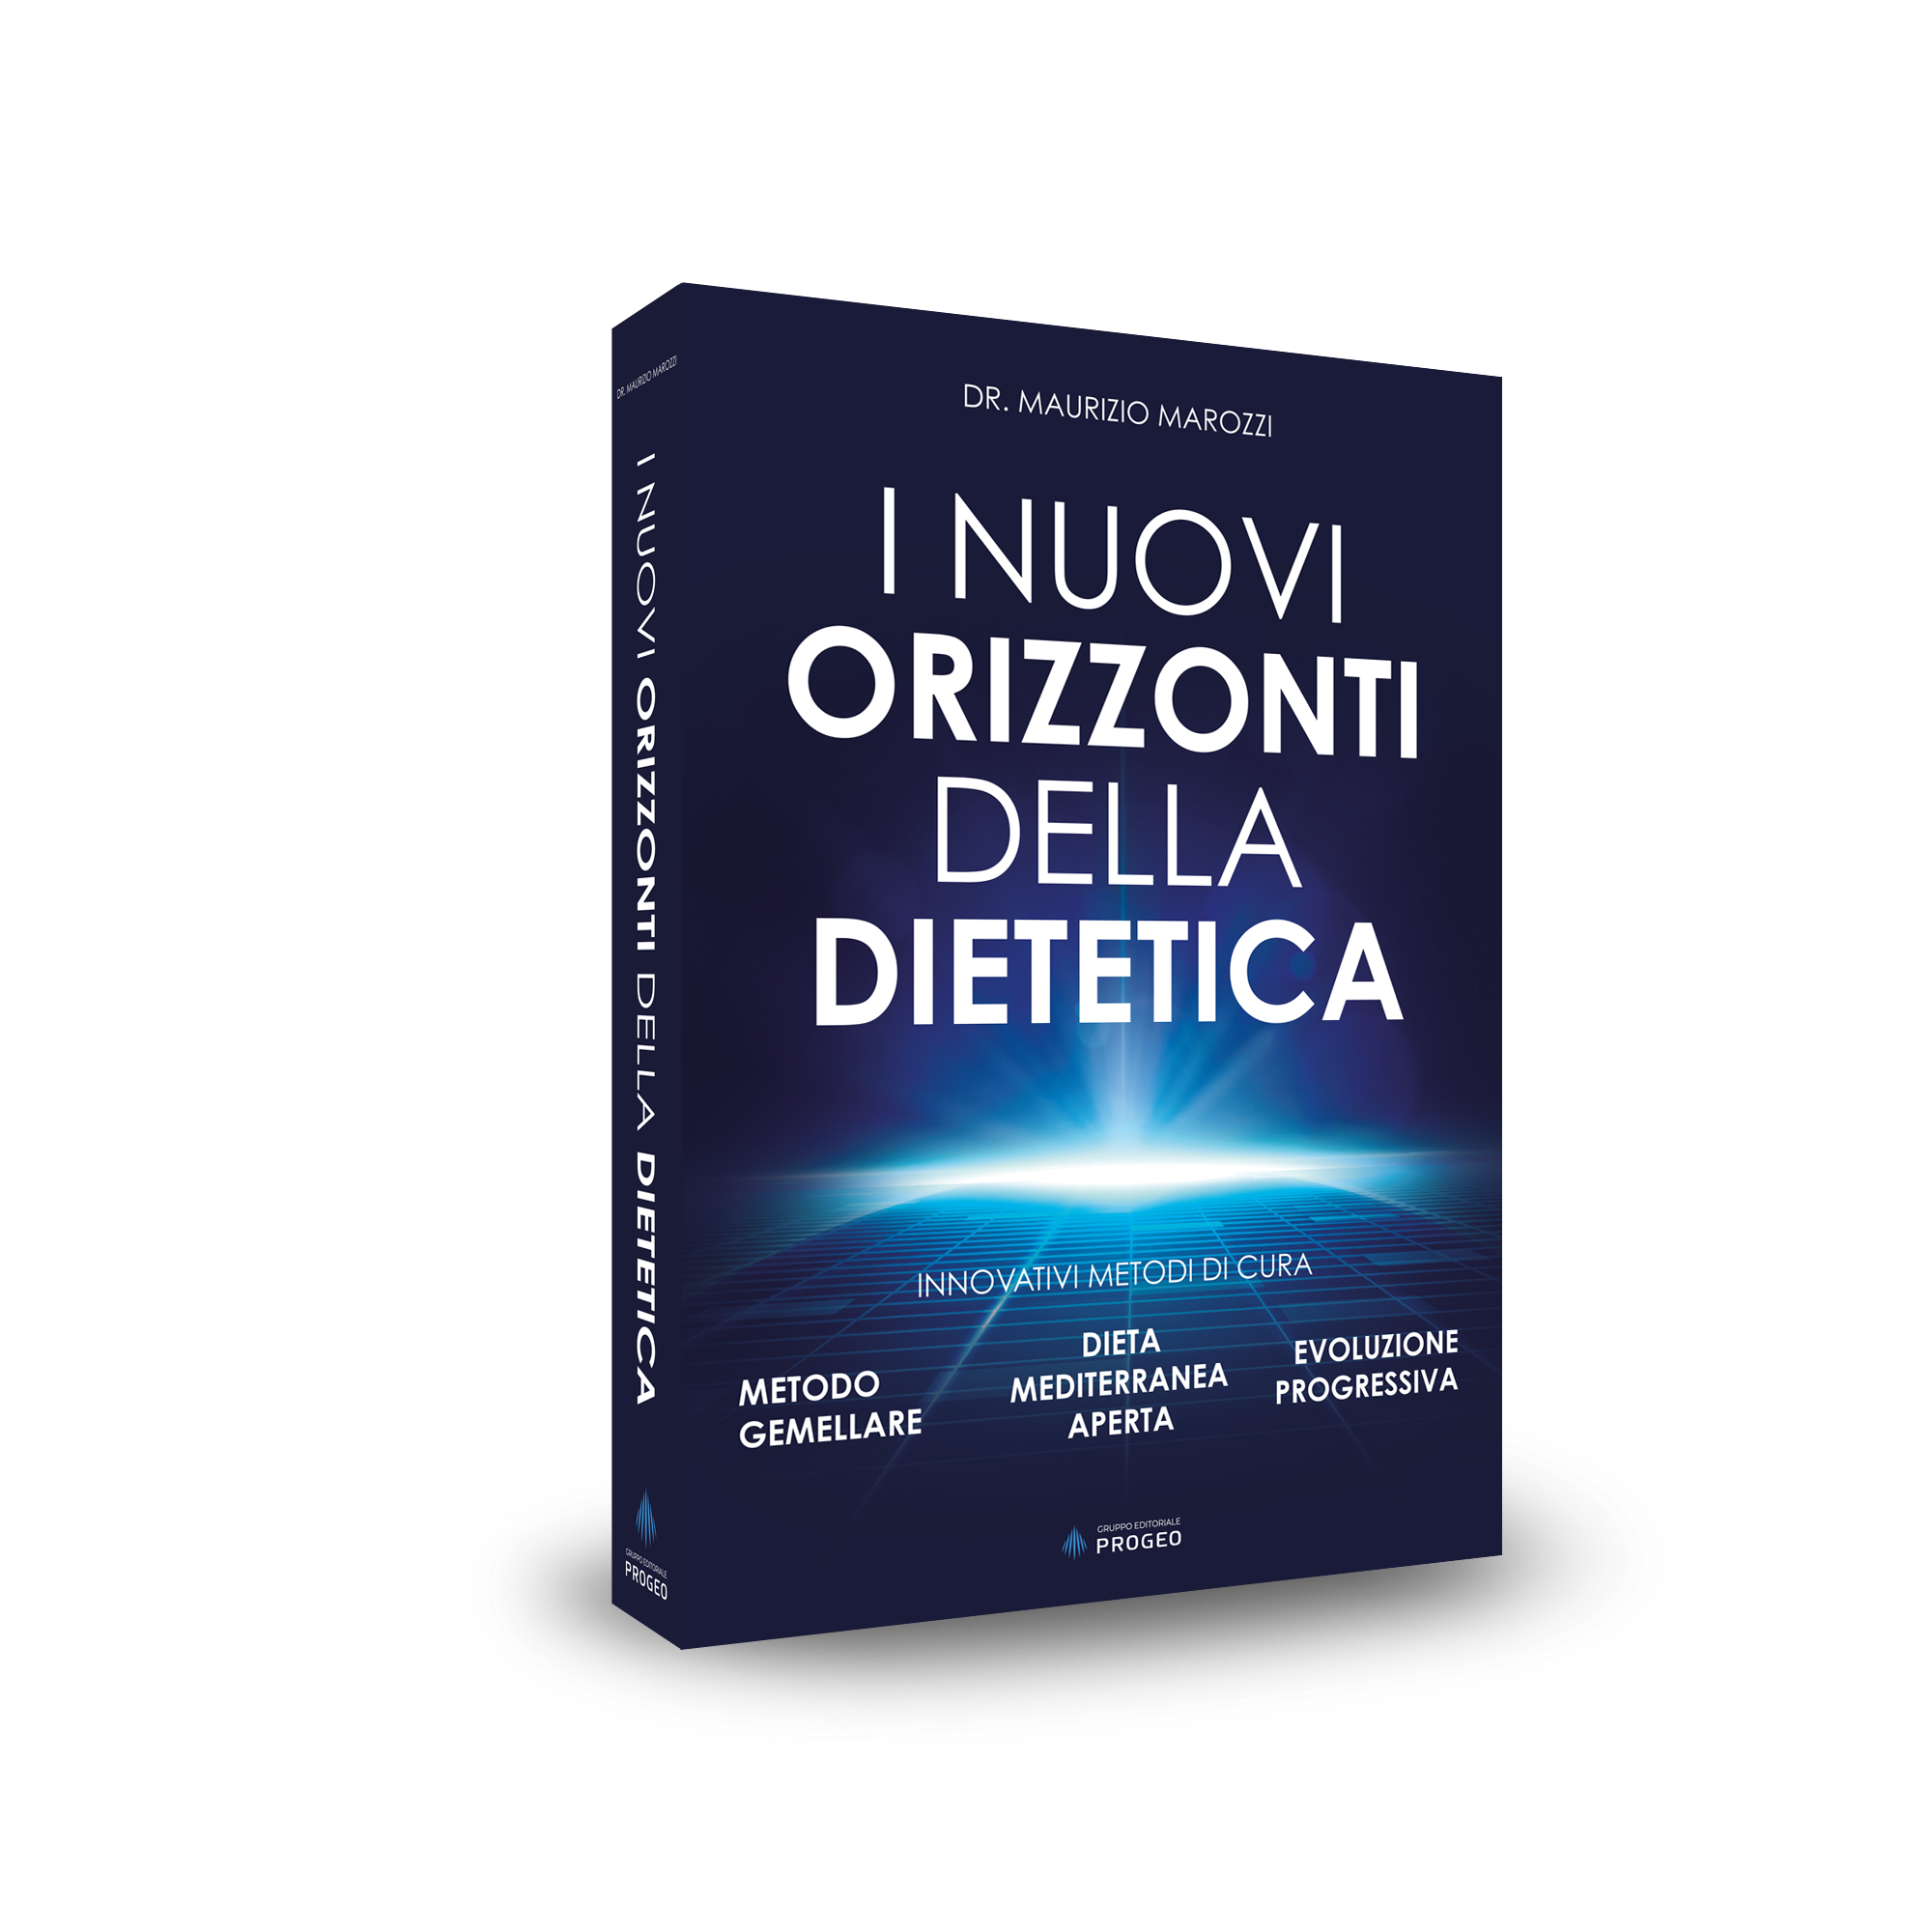 Progeo | I nuovi orizzonti della dietetica - Dr. Maurizio Marozzi